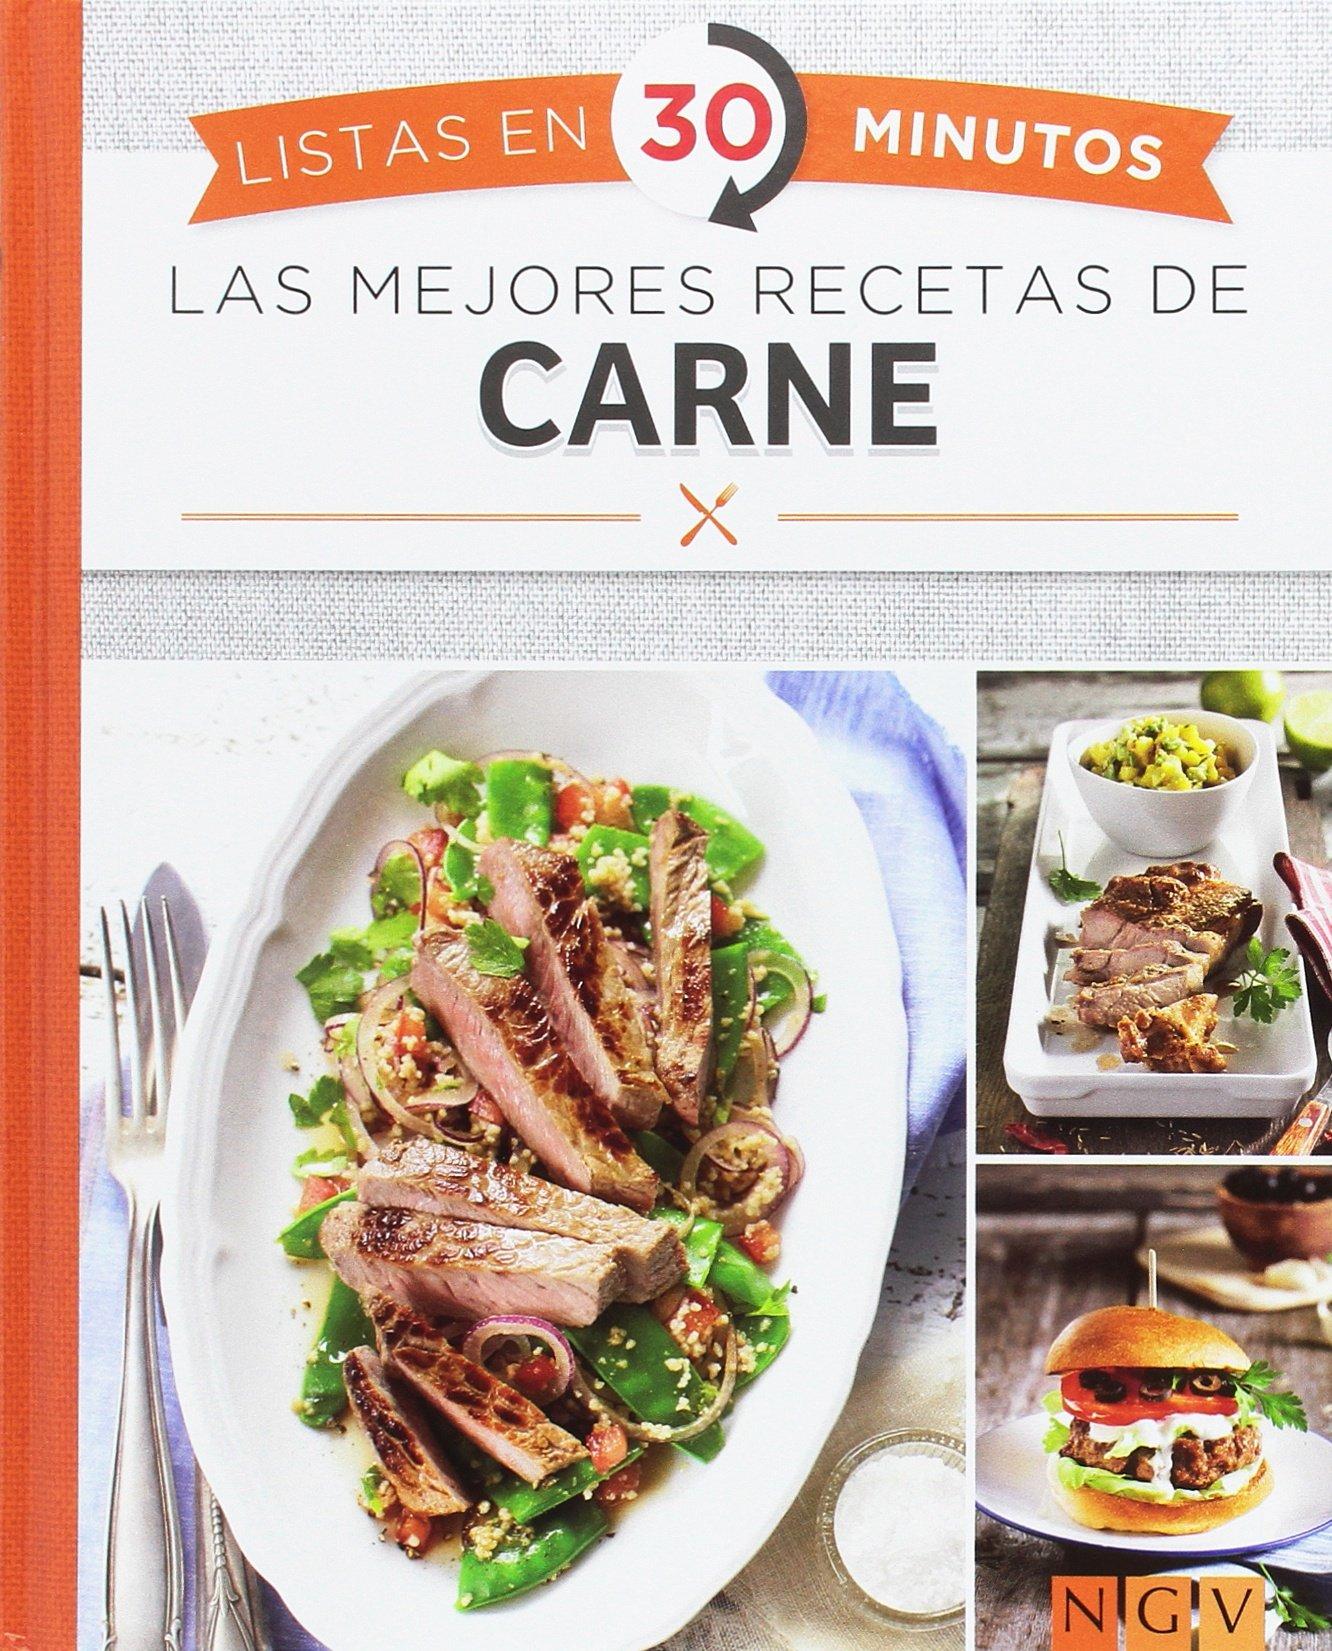 Las Mejores Recetas De Carne. Listas En 30 Minutos: Amazon.es: Vv.Aa: Libros